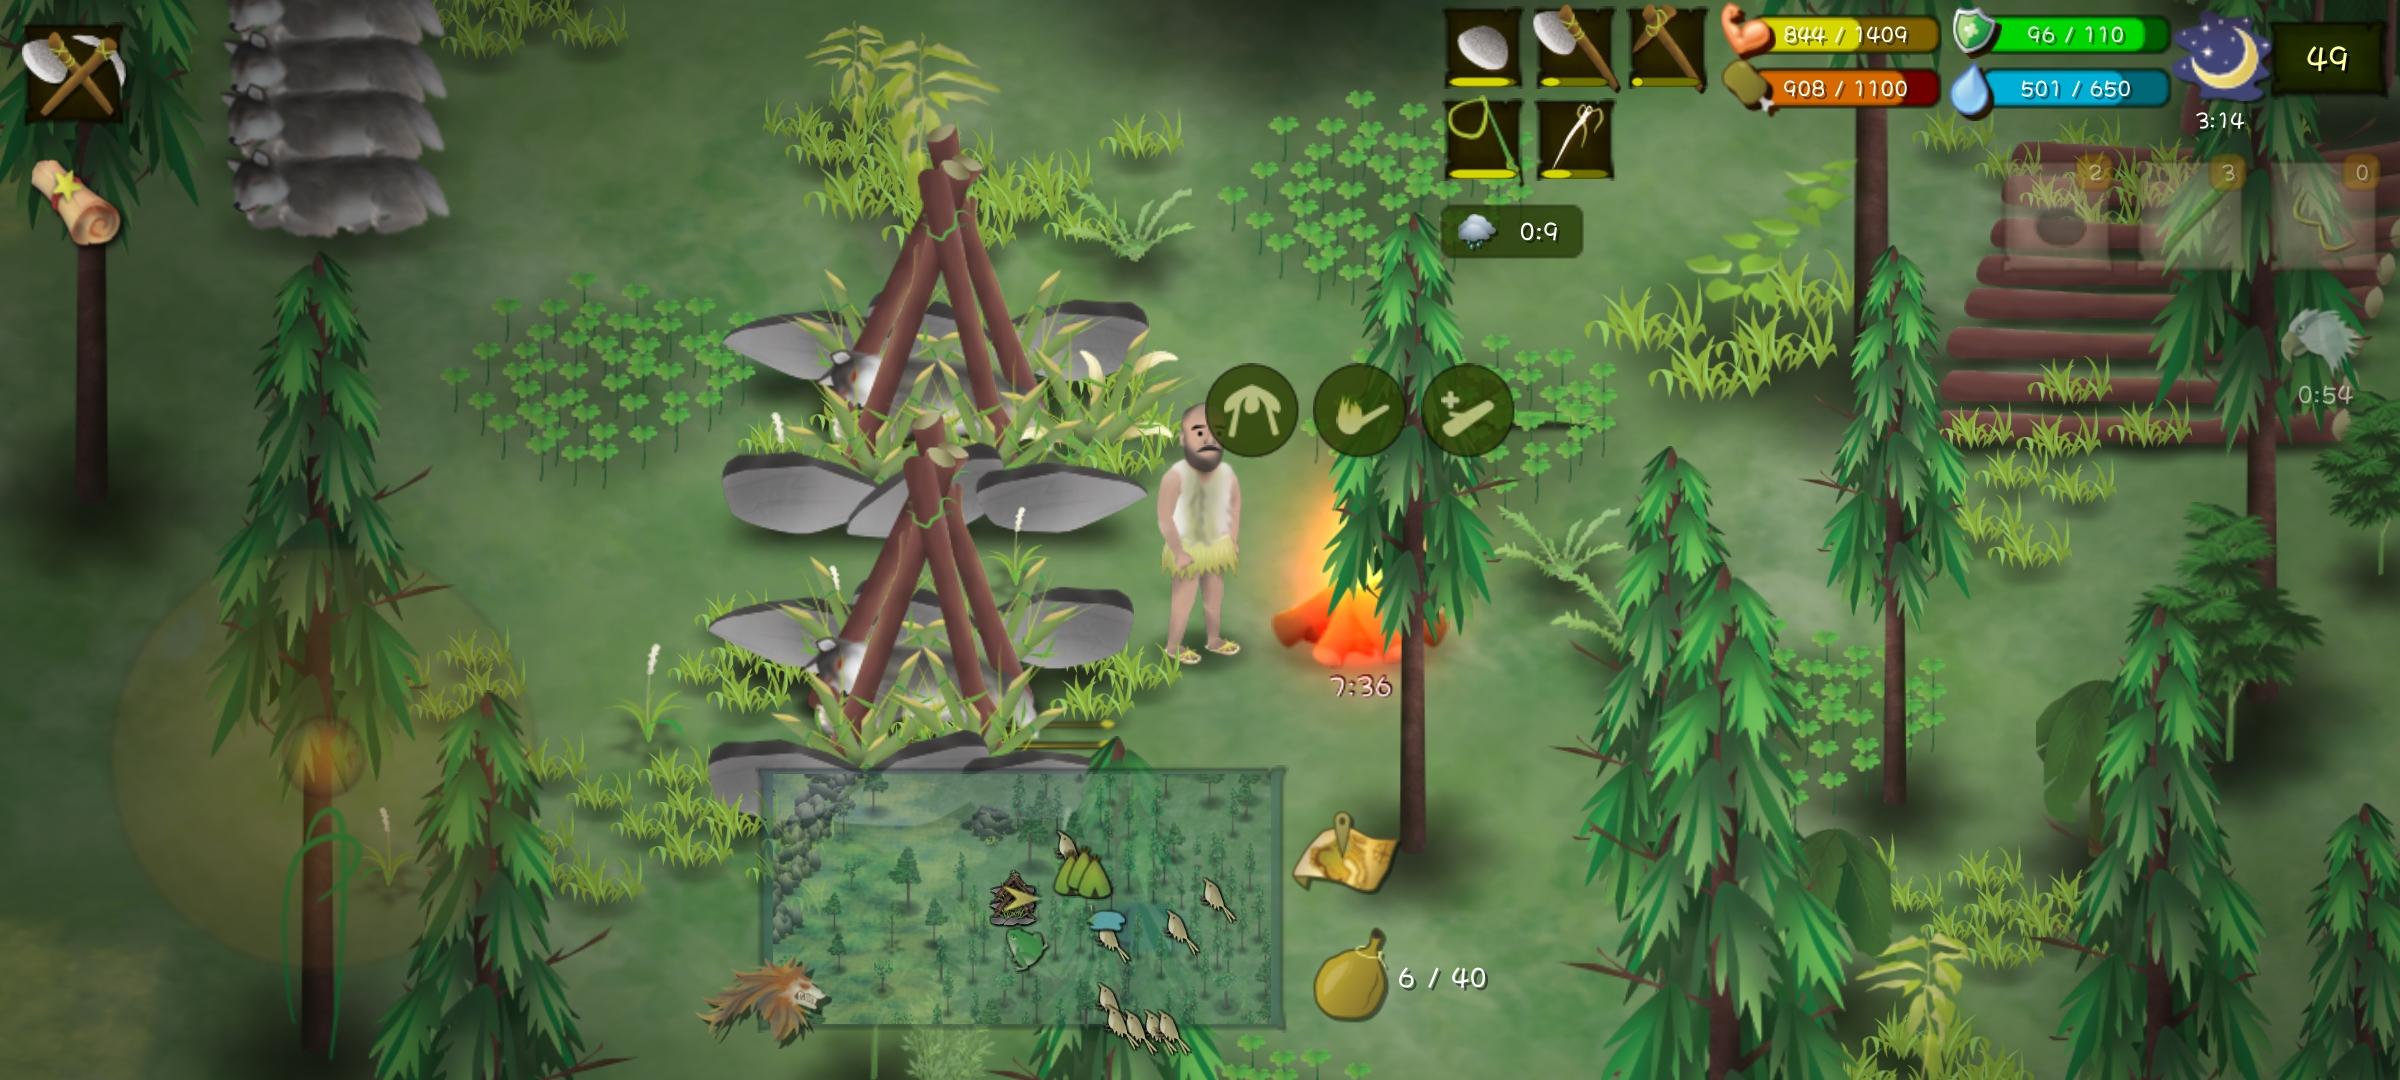 挨餓荒野泰國攻略 泰國地圖玩法一覽